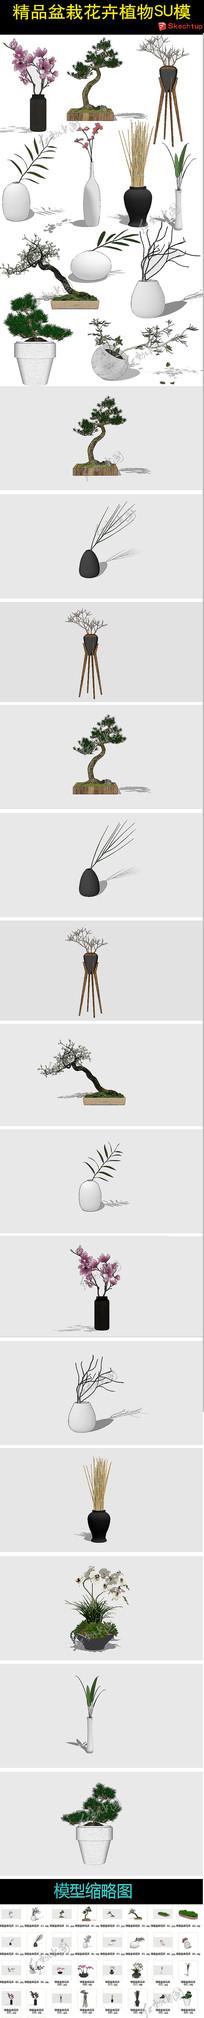 精品盆栽花卉植物SU模型